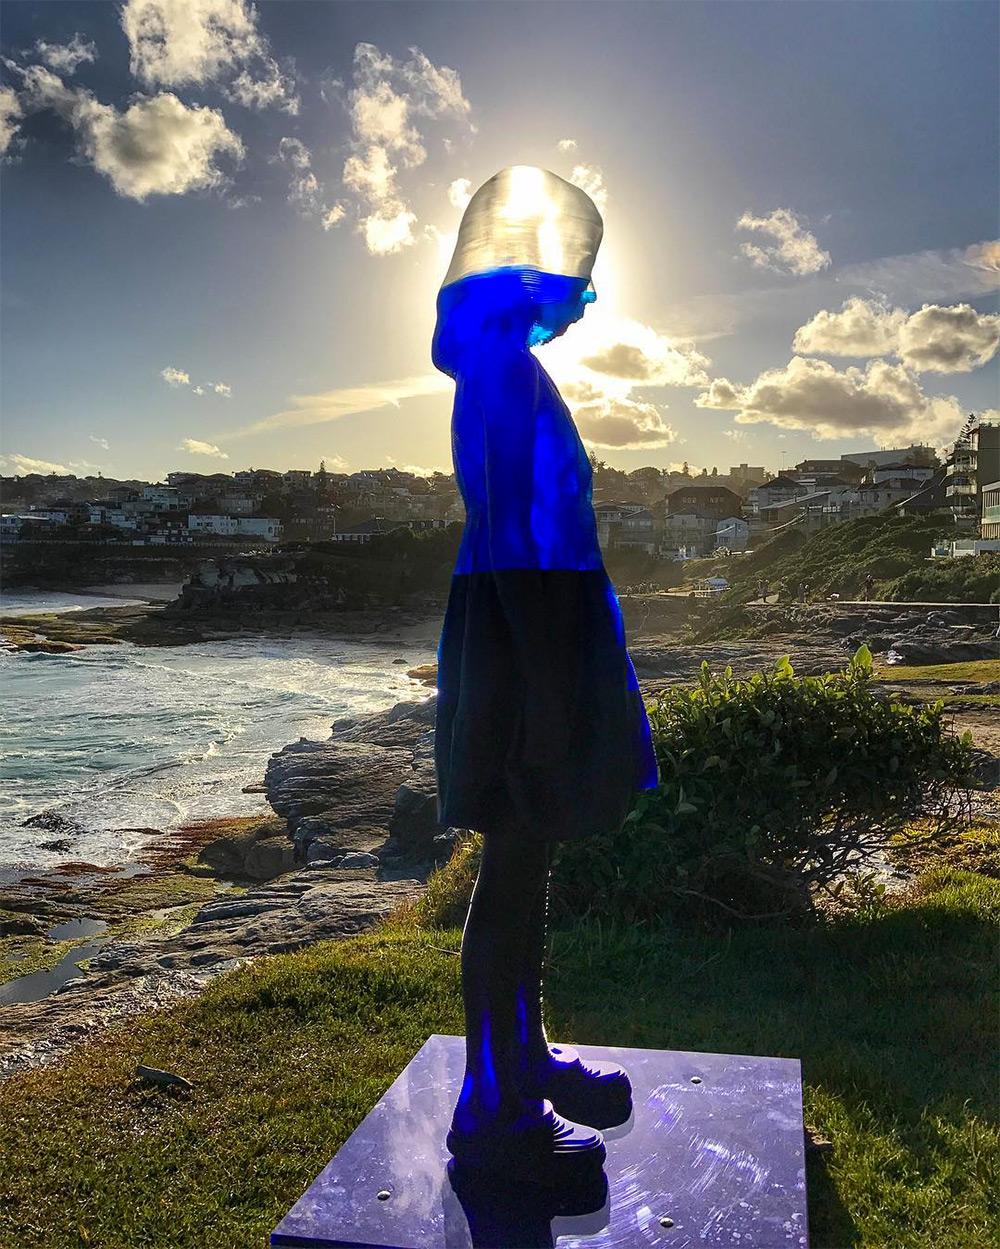 scultura-trasparente-alessandra-rossi-sculpture-by-the-sea-bondi-5